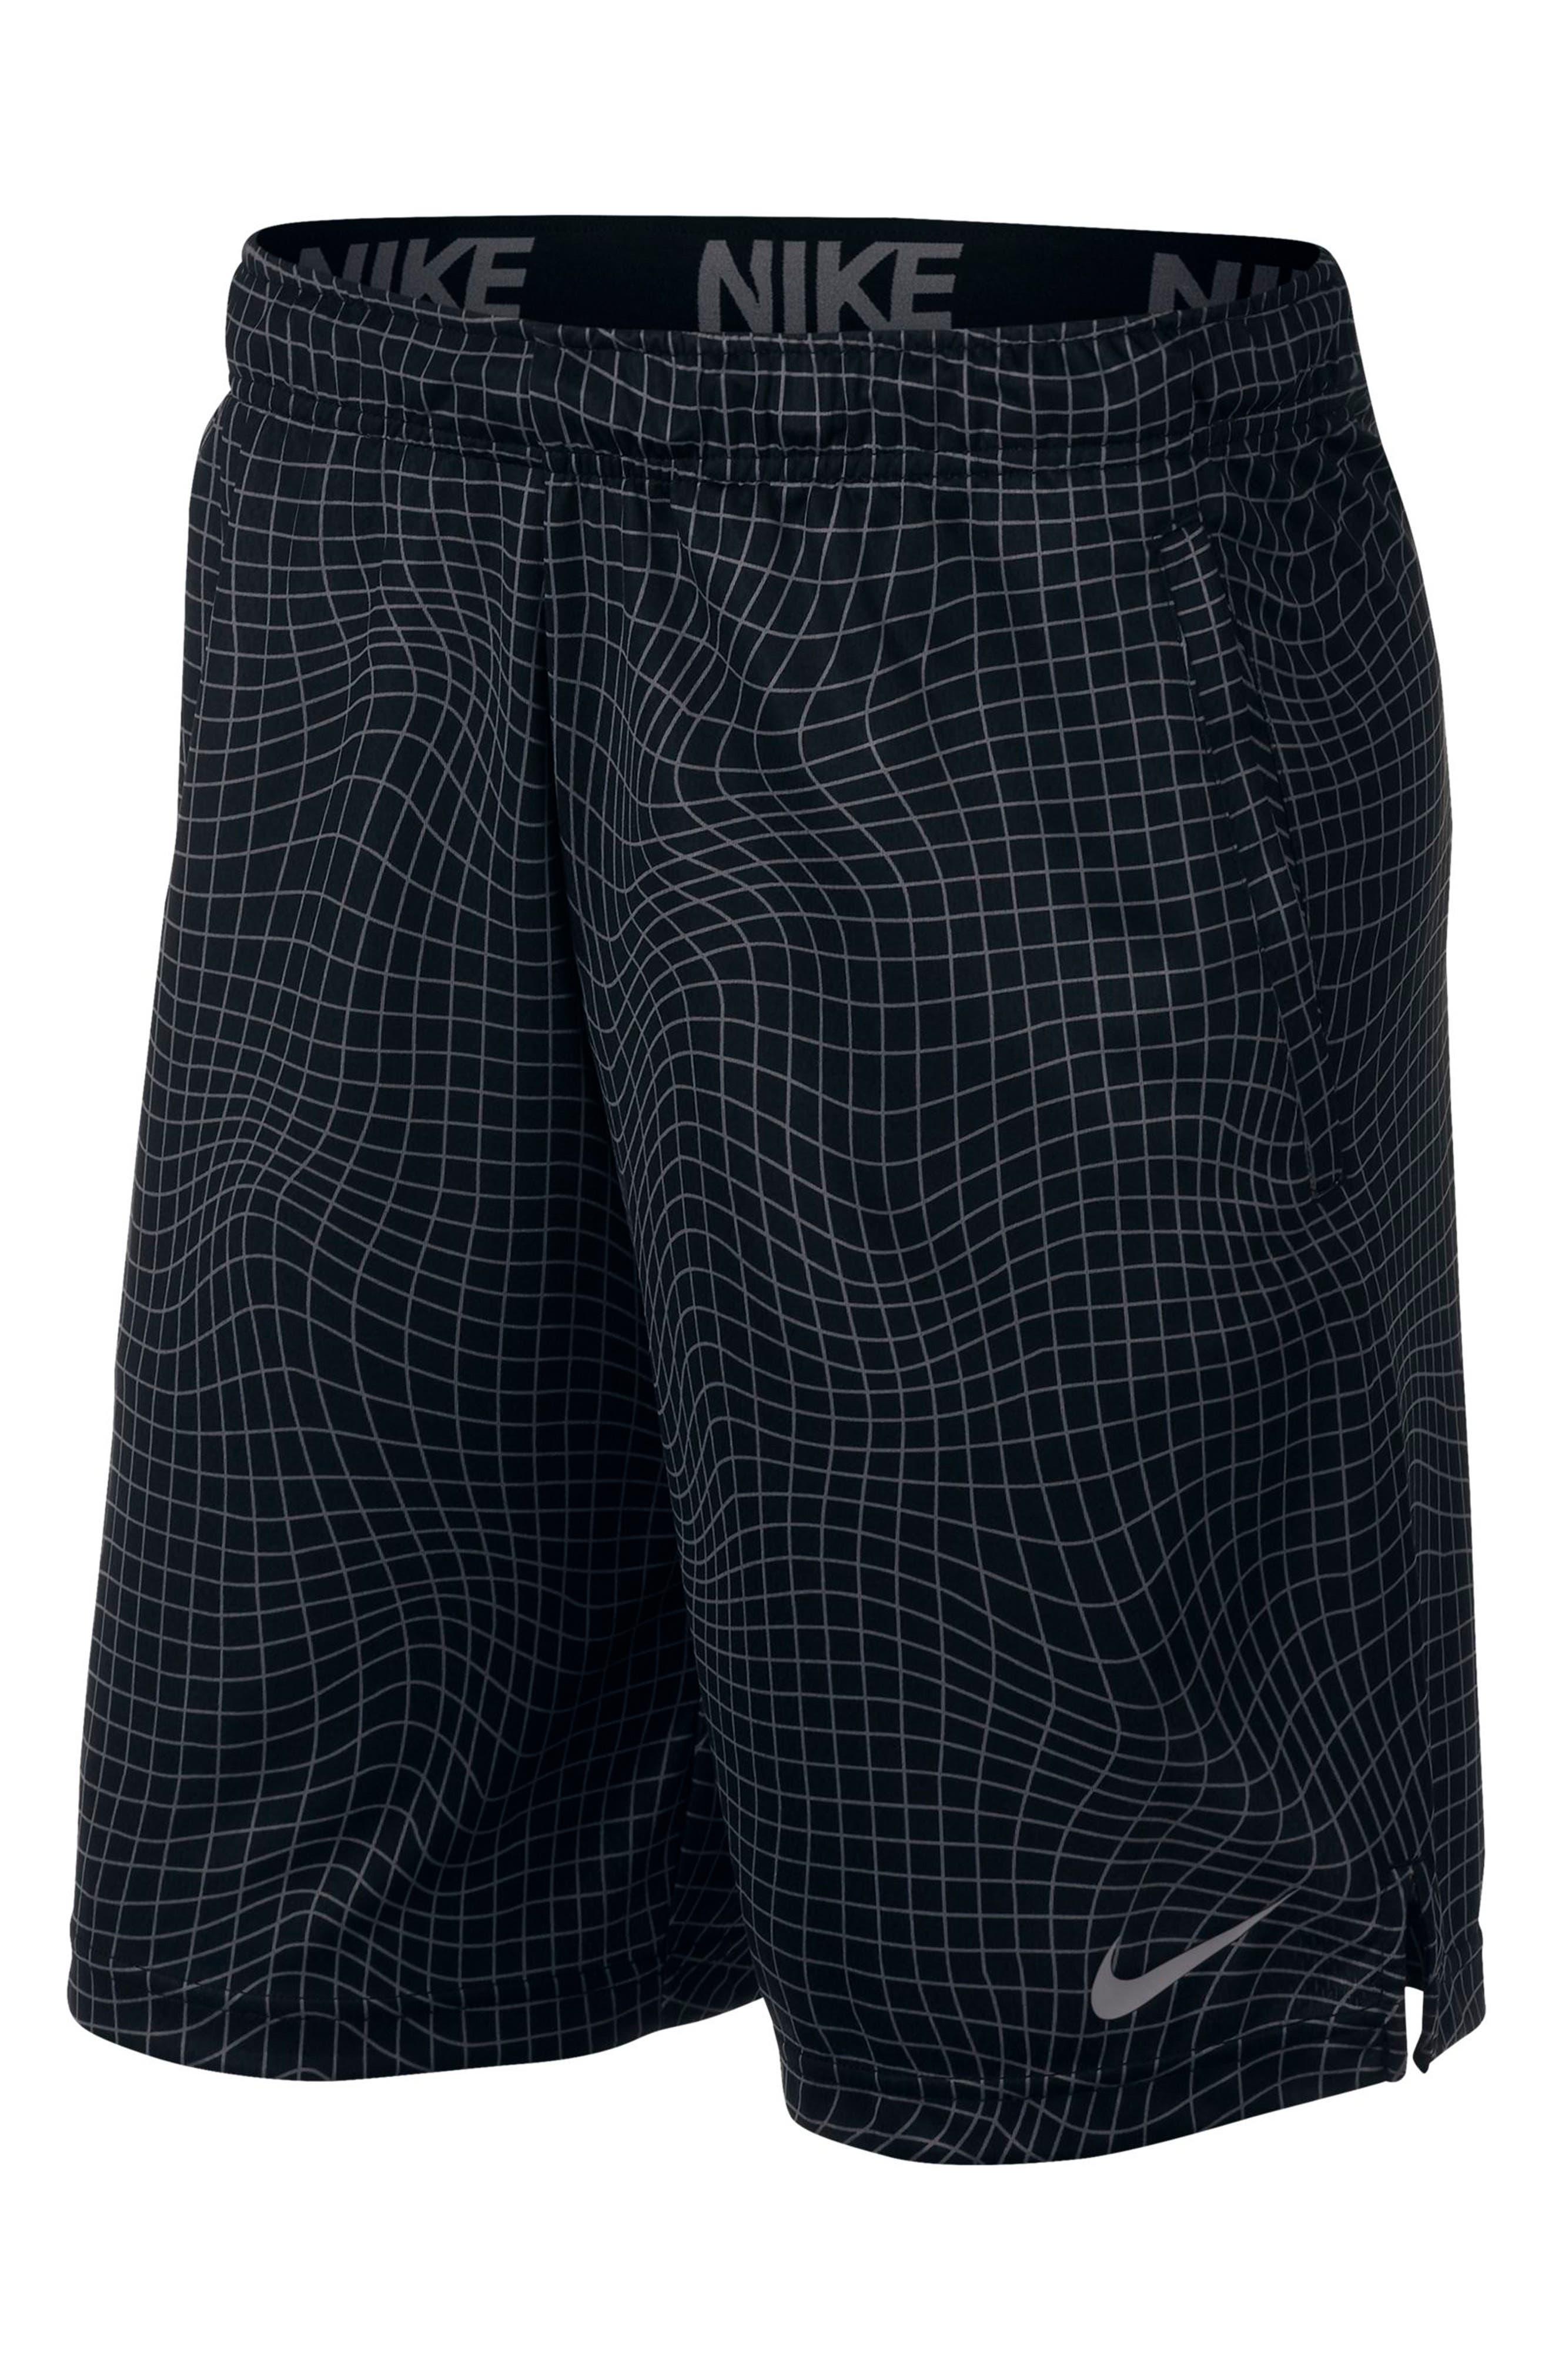 Nike Dri-Fit Print 4.0 Shorts Black